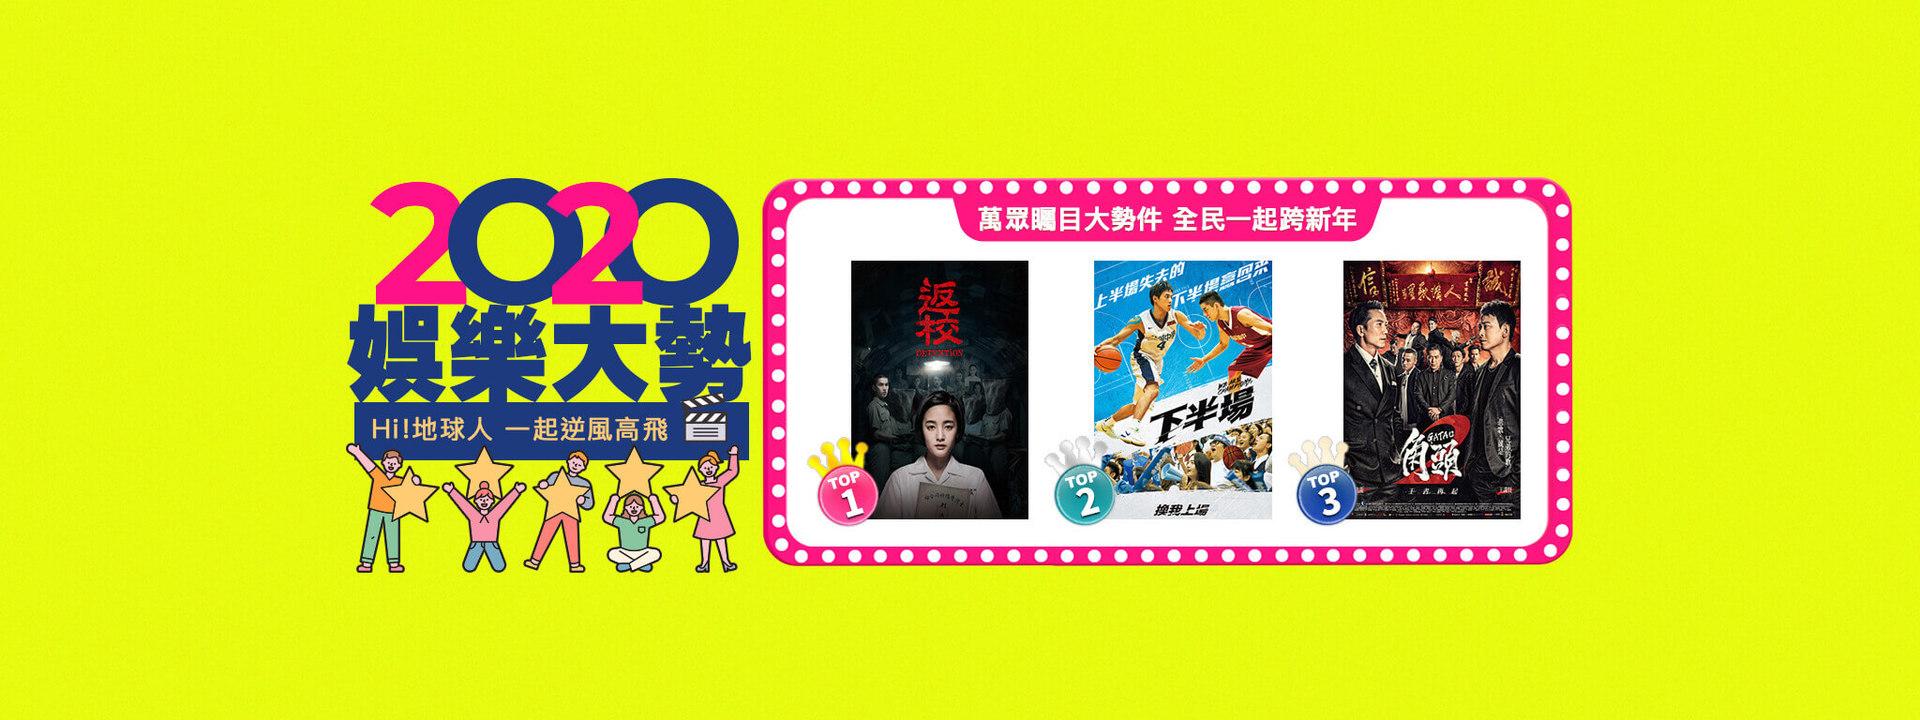 華影TOP10